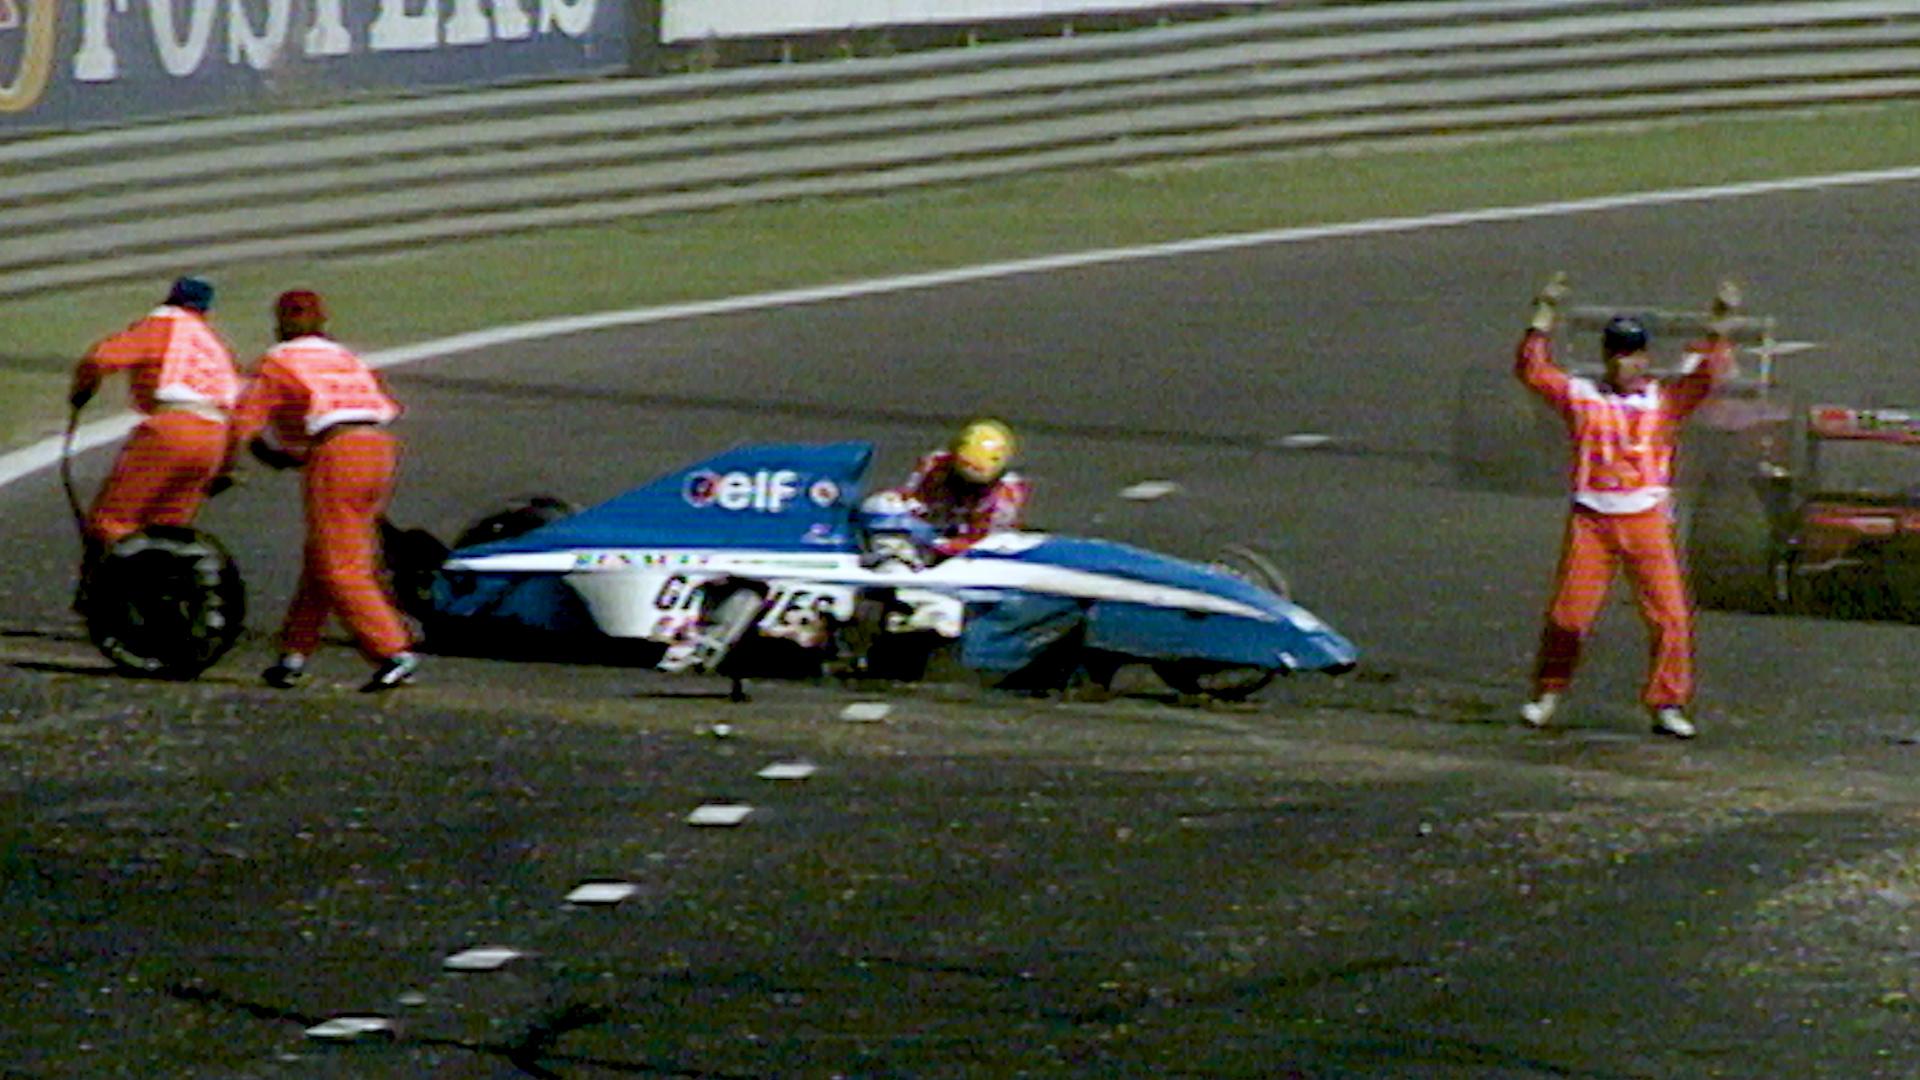 Останавливался ли гонщик Формулы 1, чтобы помочь другому пилоту?